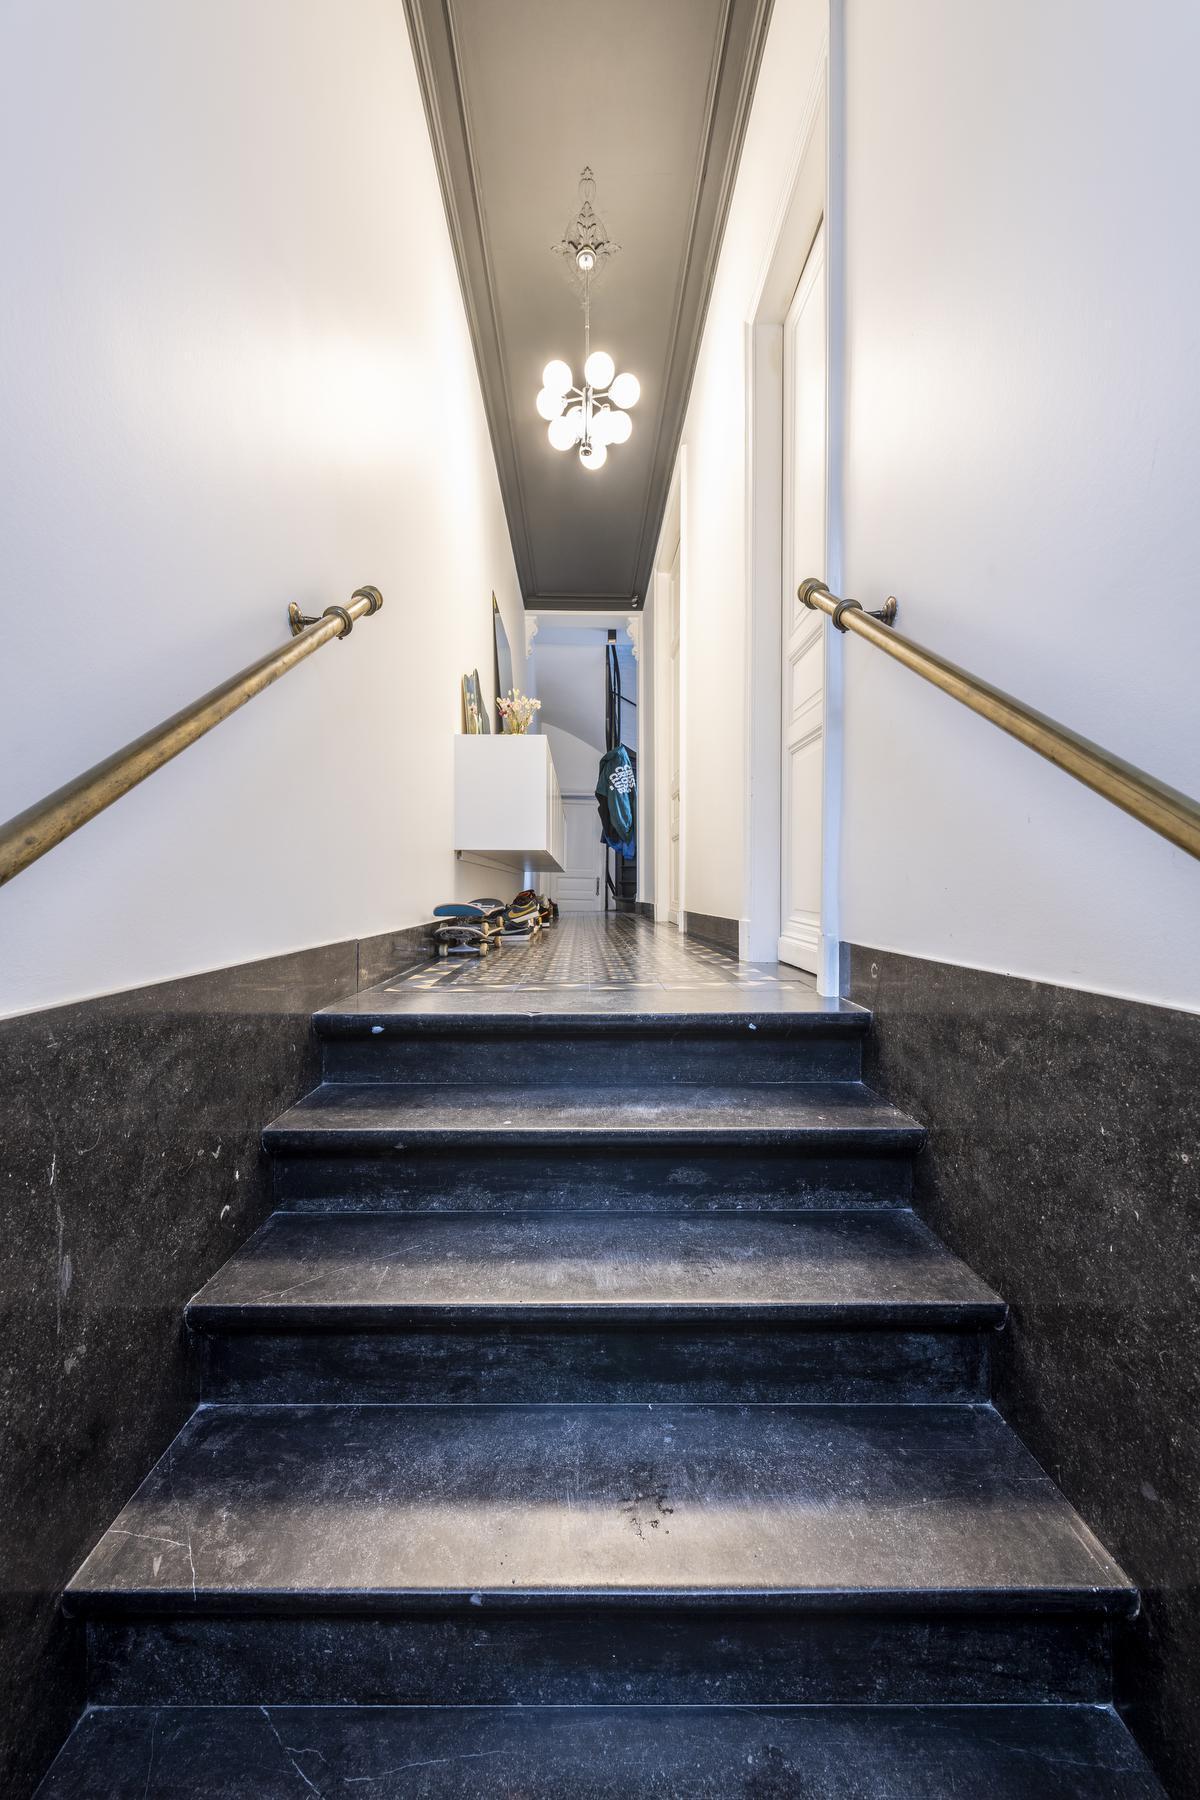 De statige marmeren trap straalt grandeur uit.© Pieter Clicteur